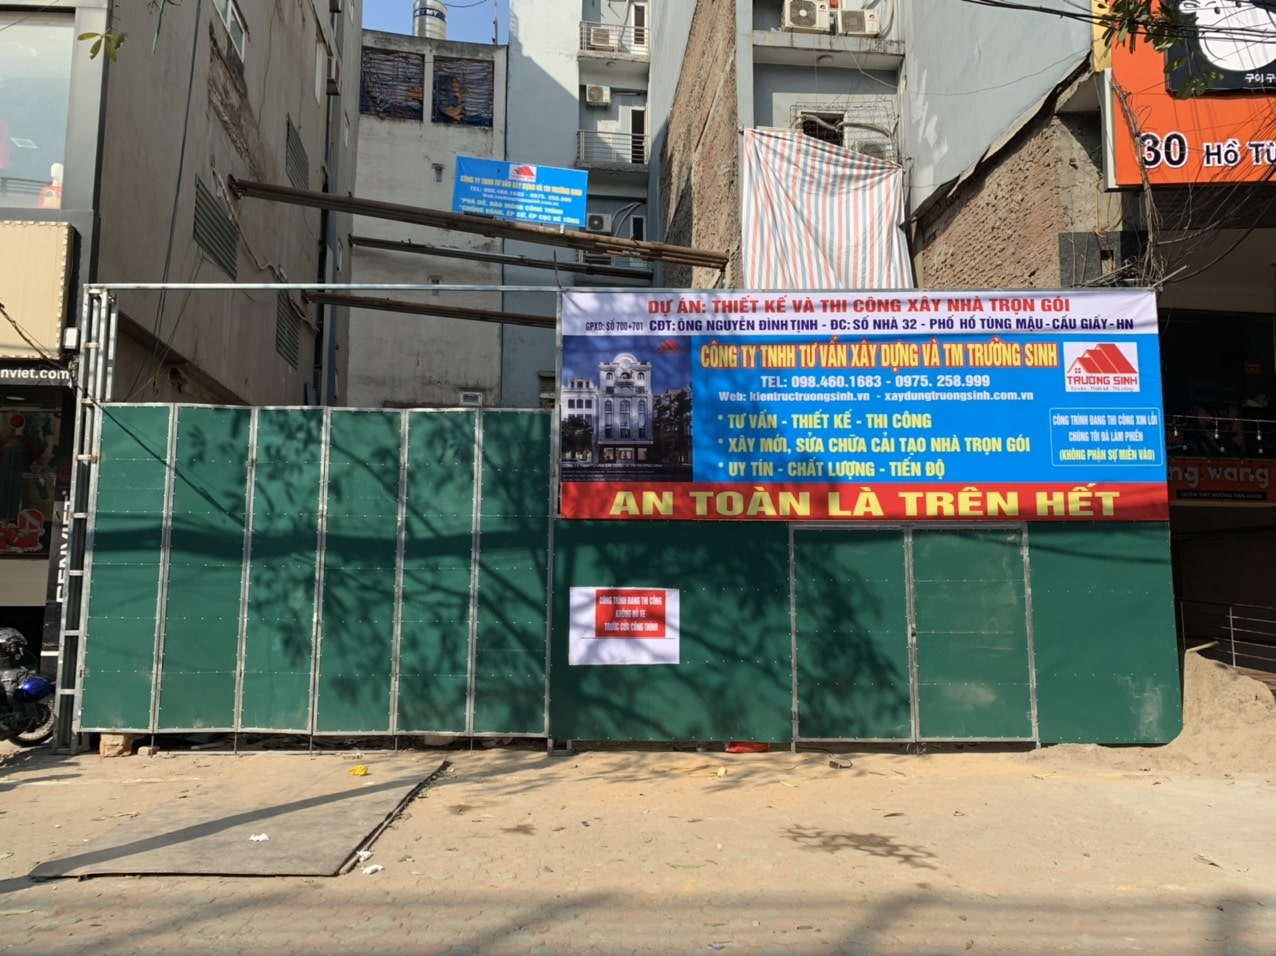 [DA] Thiết kế, thi công xây nhà mặt phố trọn gói cho Bác Tịnh tại Cầu Giấy, HN (1 tầng hầm+7 tầng nổi)